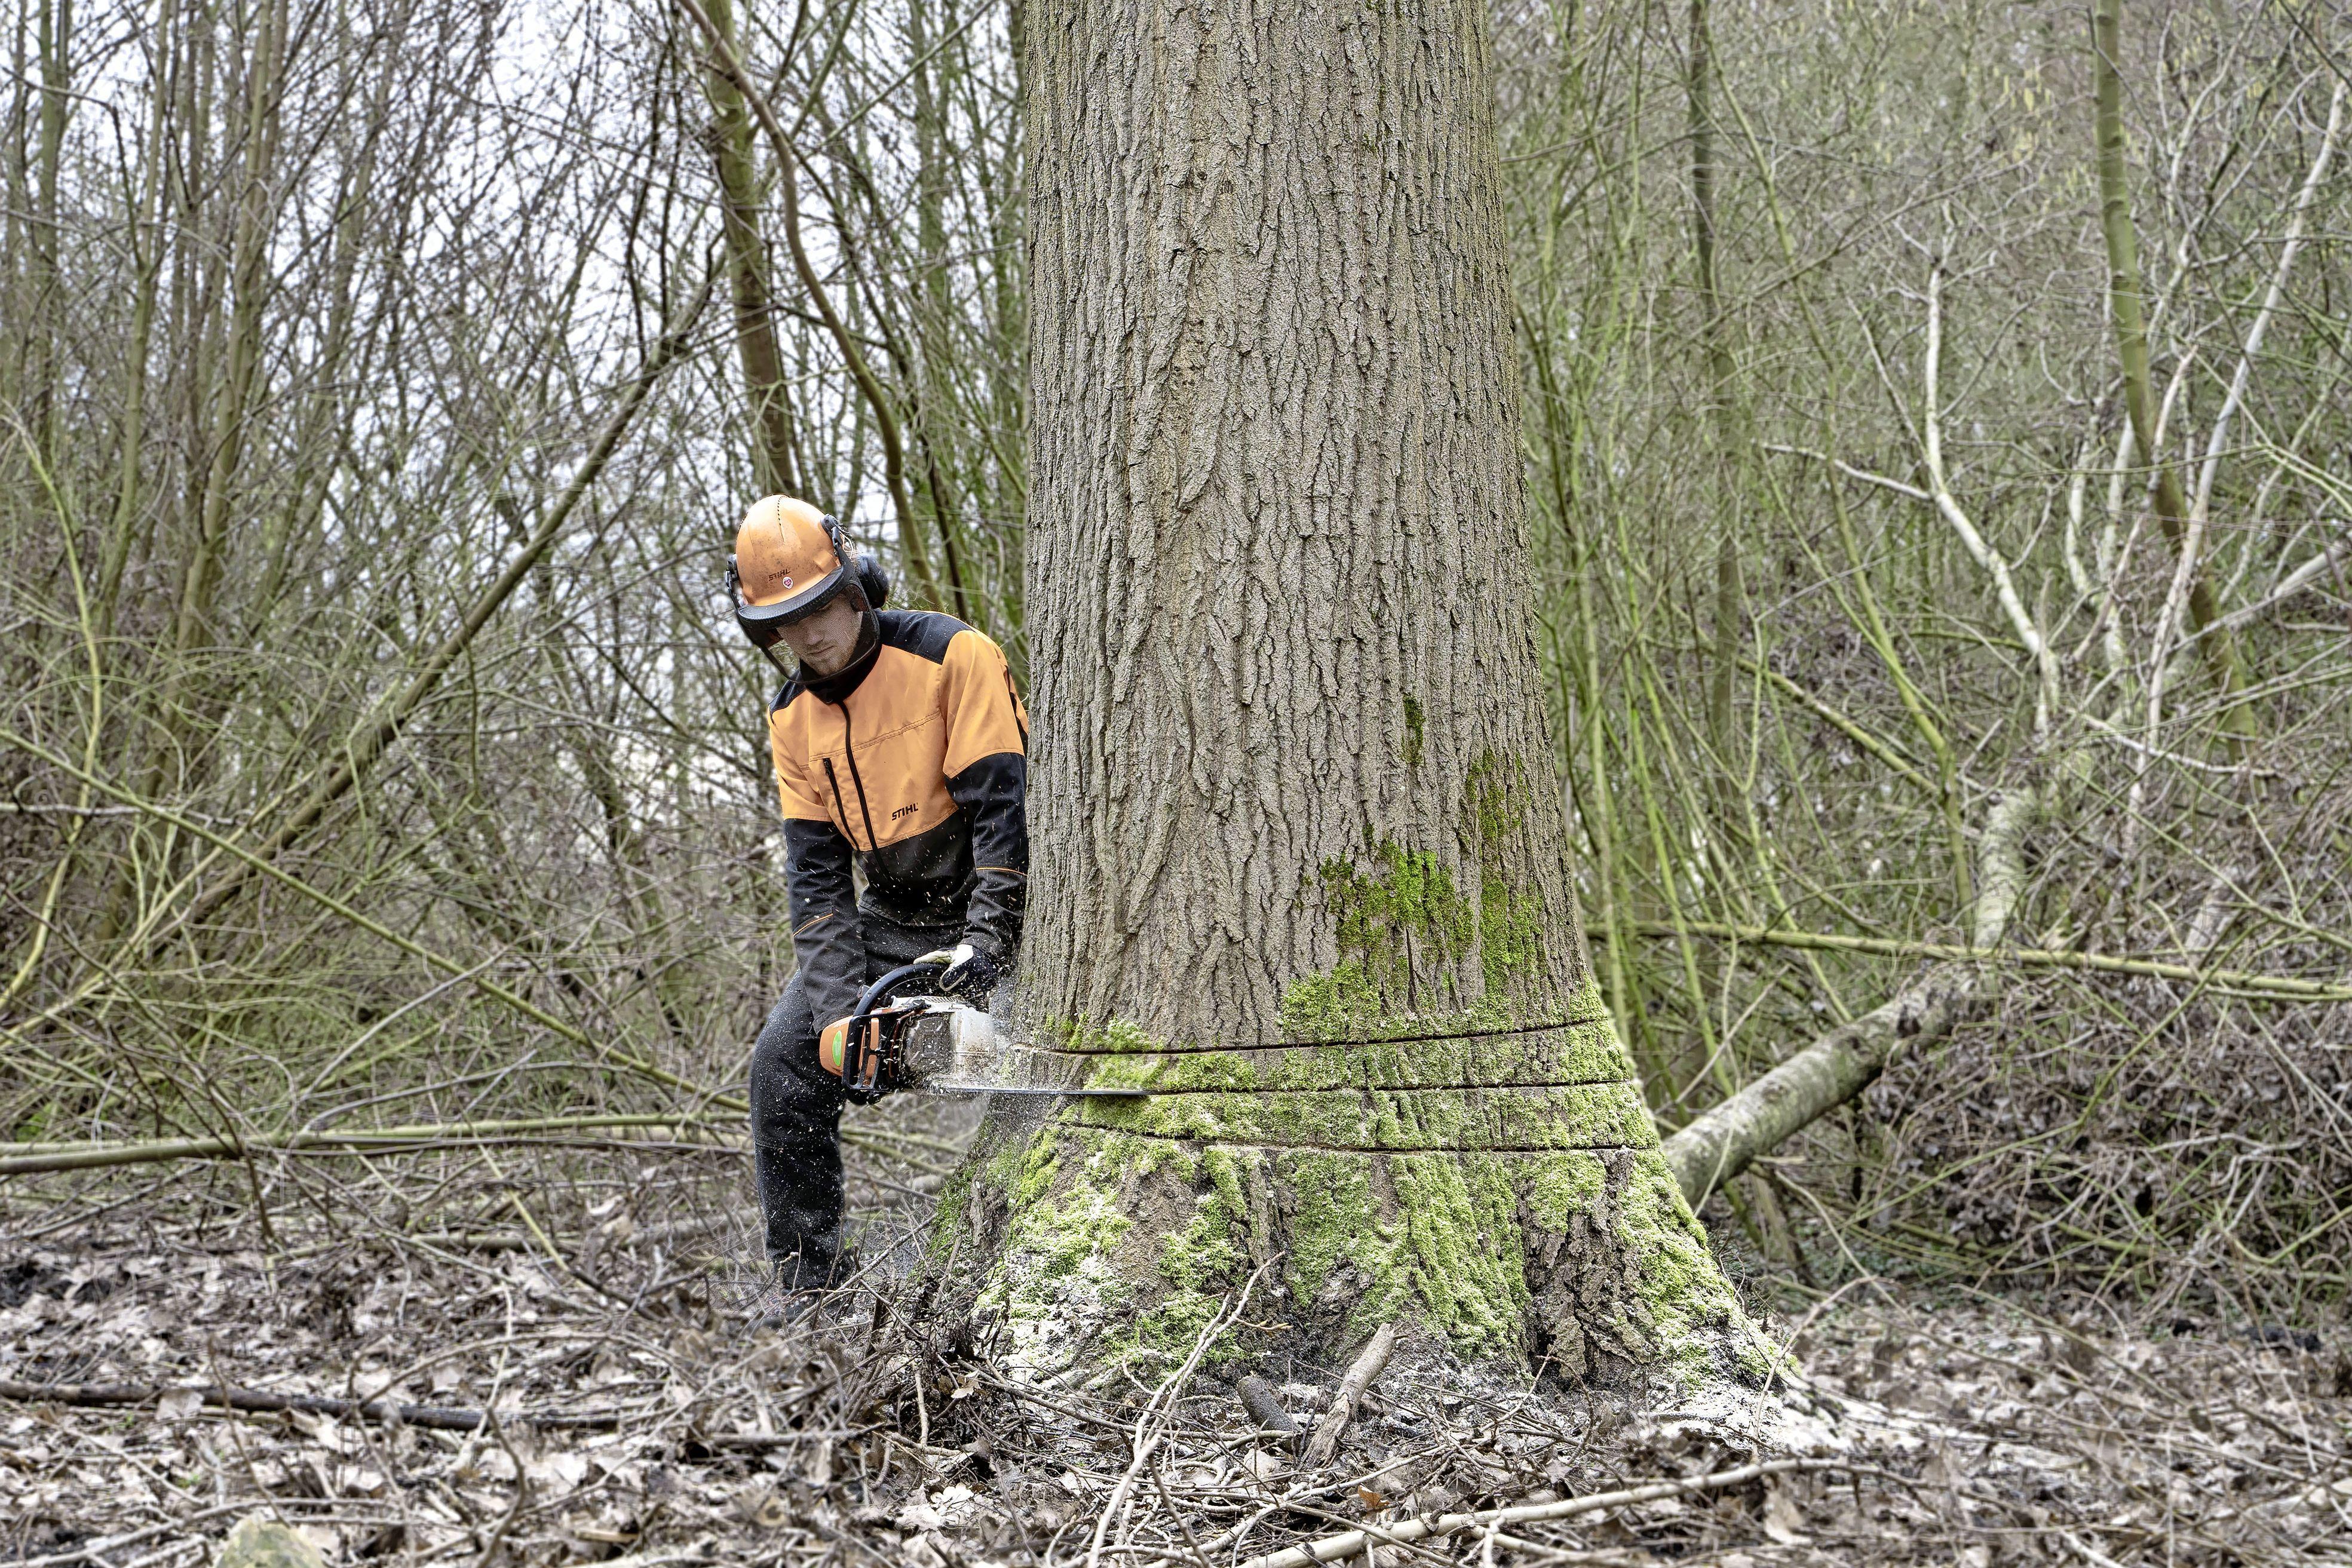 Recreatieschap Westfriesland doodt populieren door ze te ringen: 'Zo'n dode boom is een natuurgebied op zich'